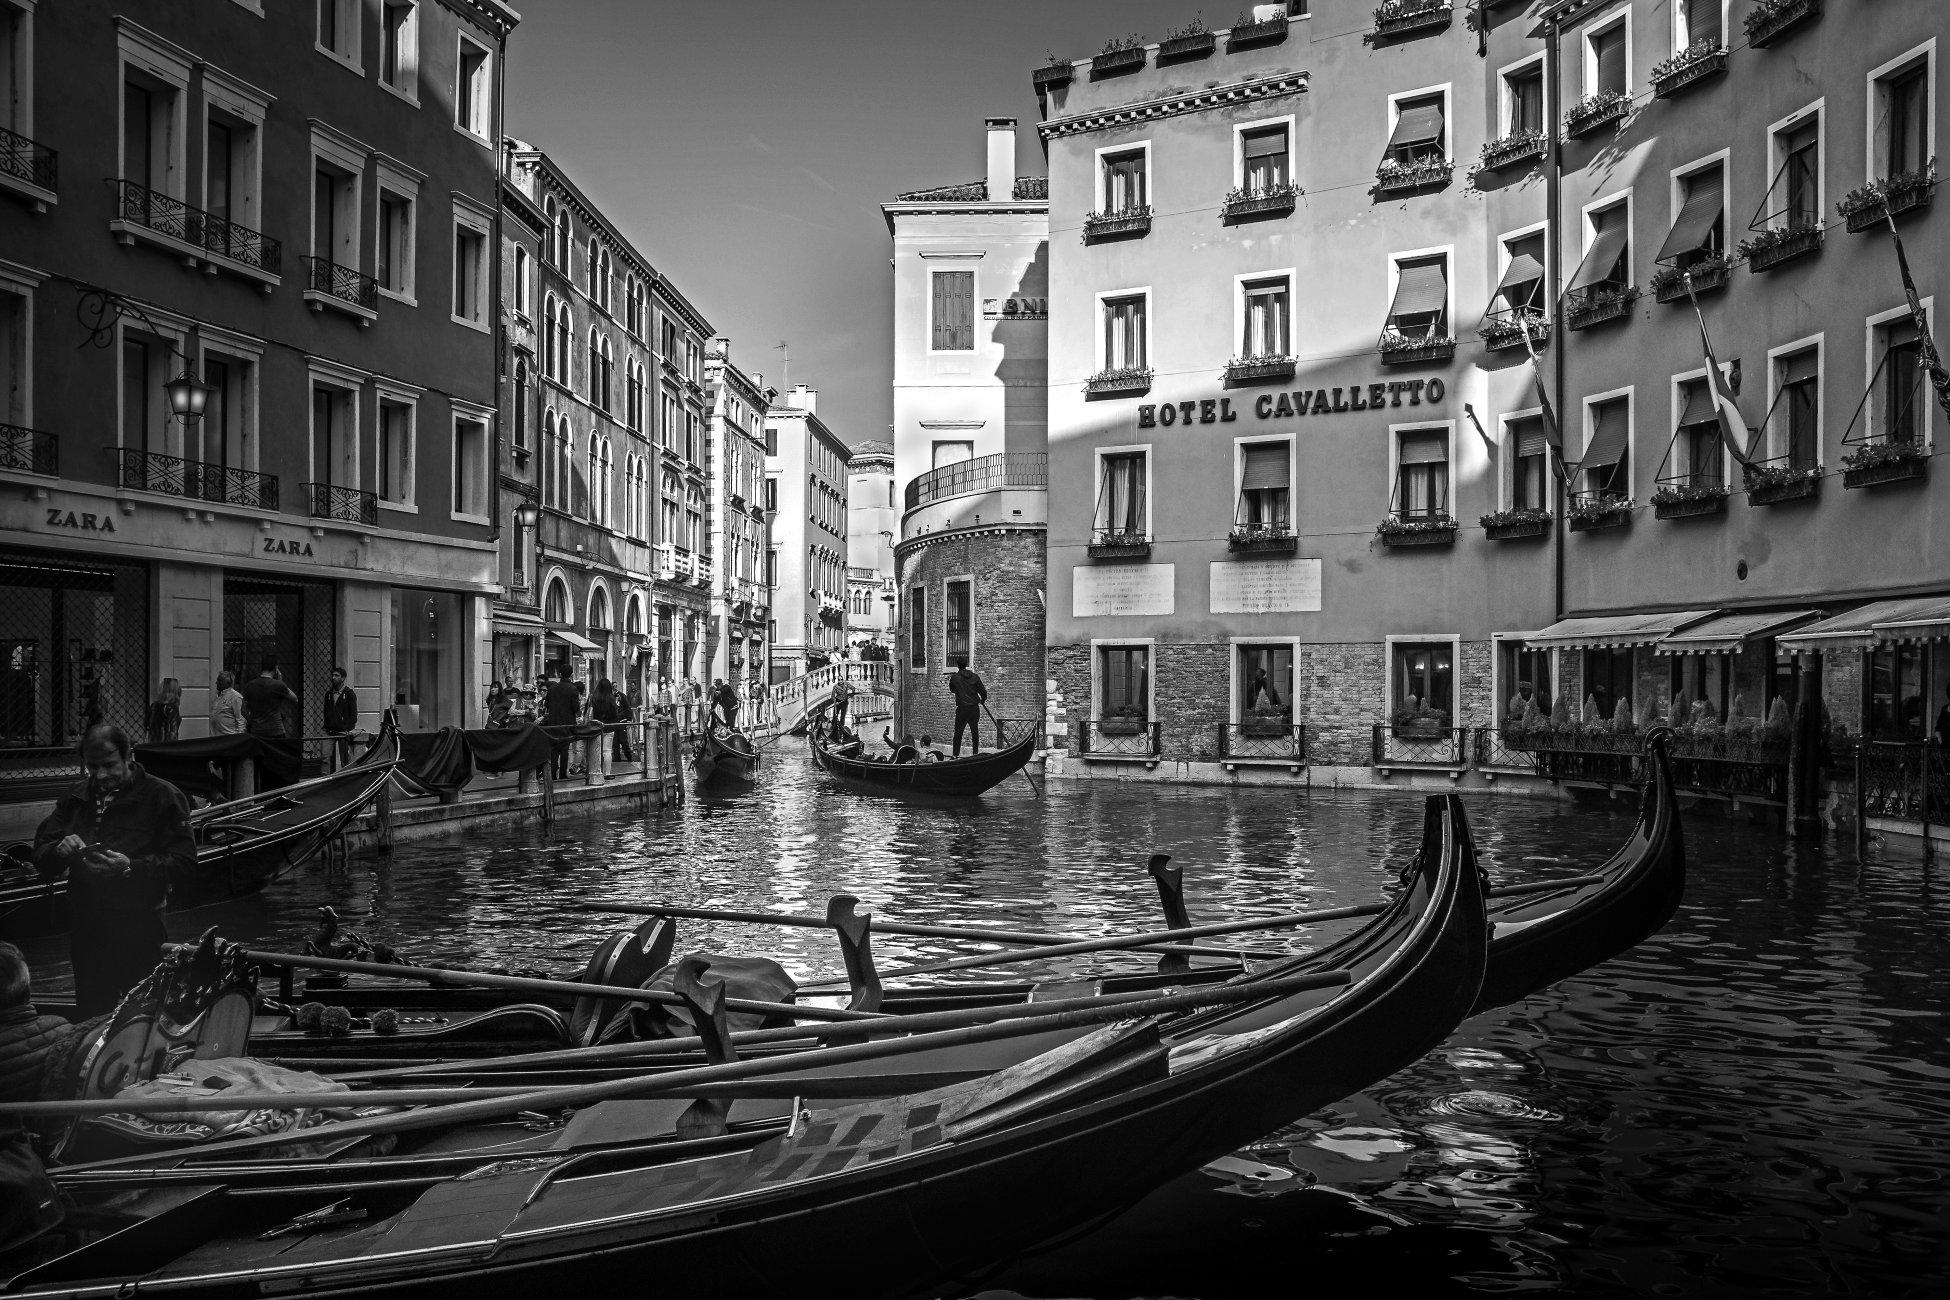 Hotel Cavalletto Venice